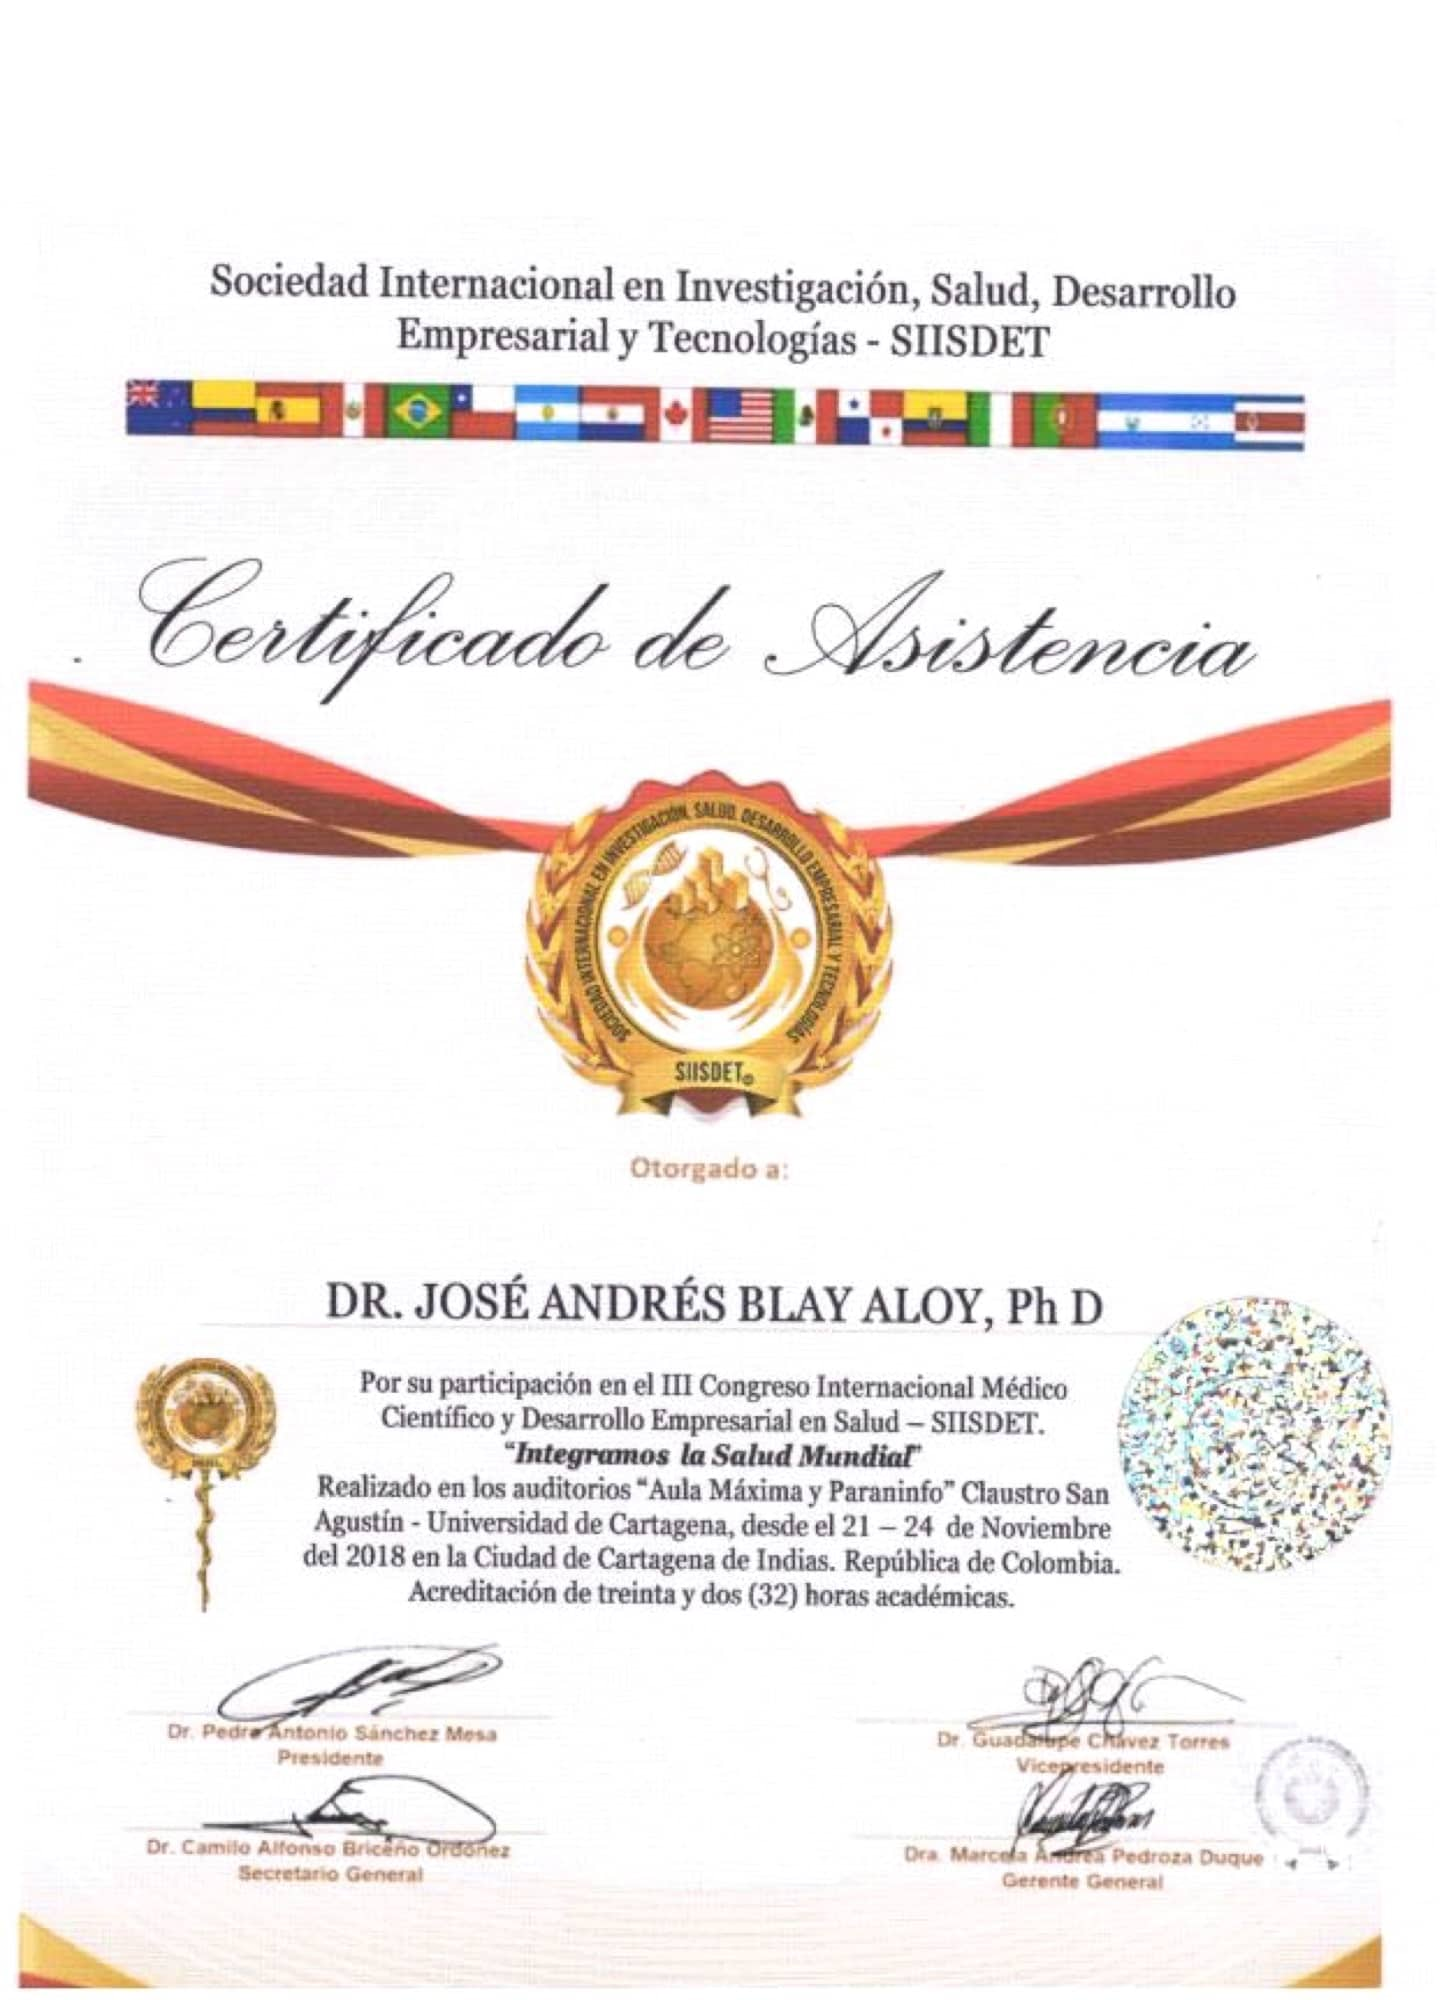 Certificado Asistencia III Congreso Internacional Médico Científico y Desarrollo Empresarial SIISDET